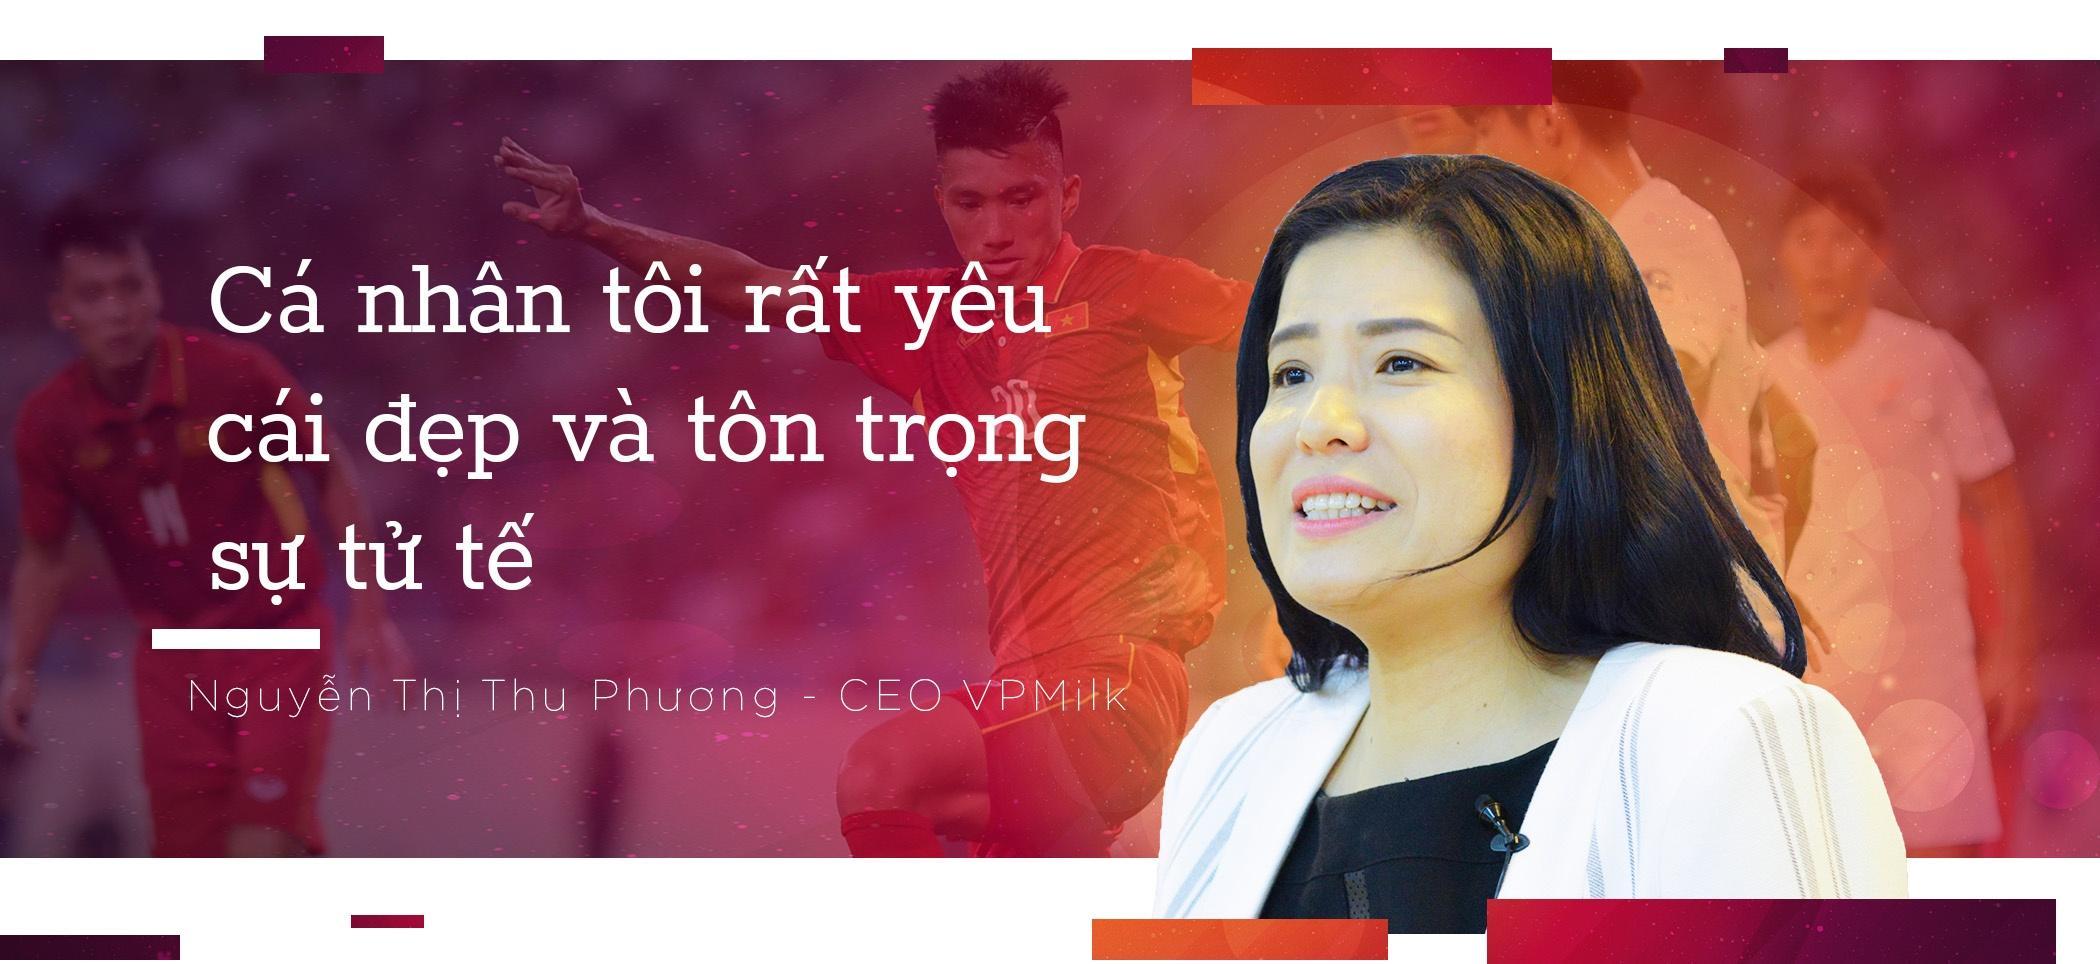 CEO VPMilk: 'Cai thien the luc cau thu Viet la uu tien so 1' hinh anh 6